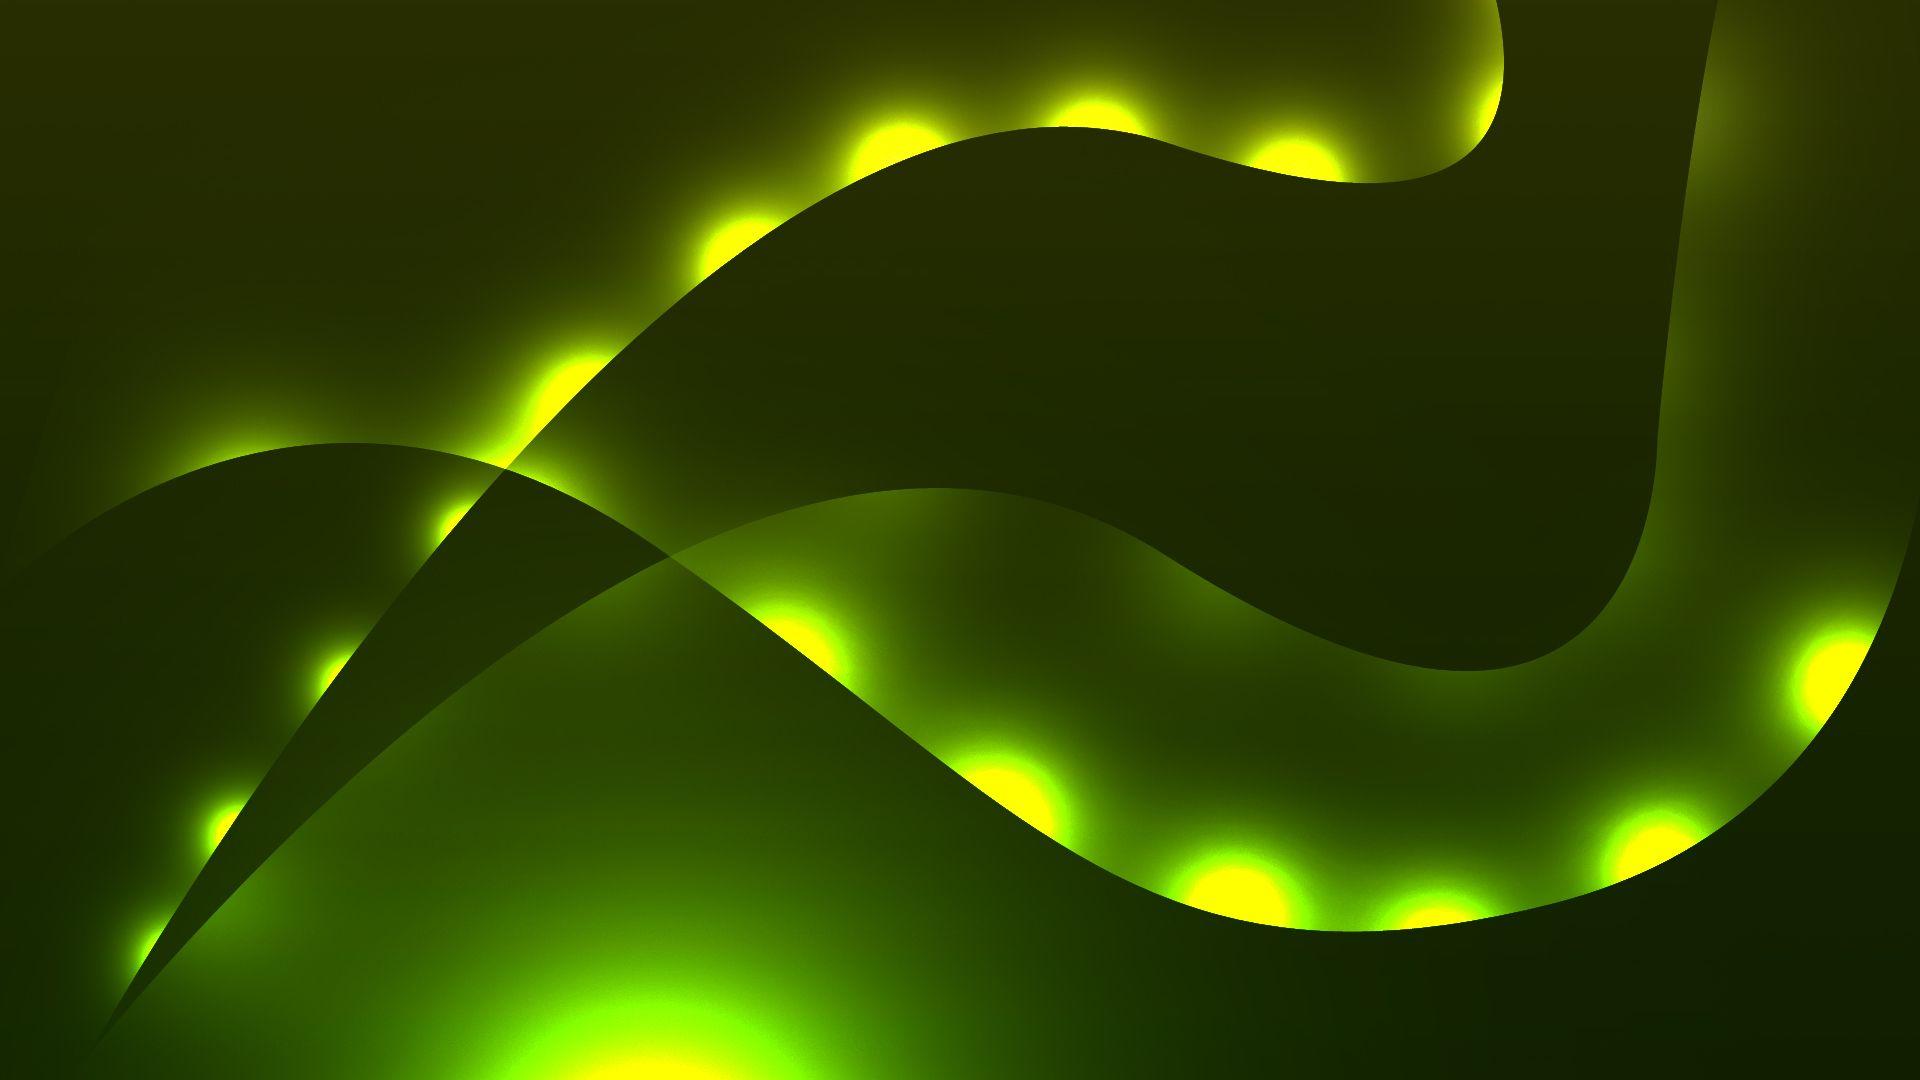 Hd Wallpaper Abstract Green Widescreen 2 Hd Wallpapers Abstract Backgrounds Lights Background Abstract